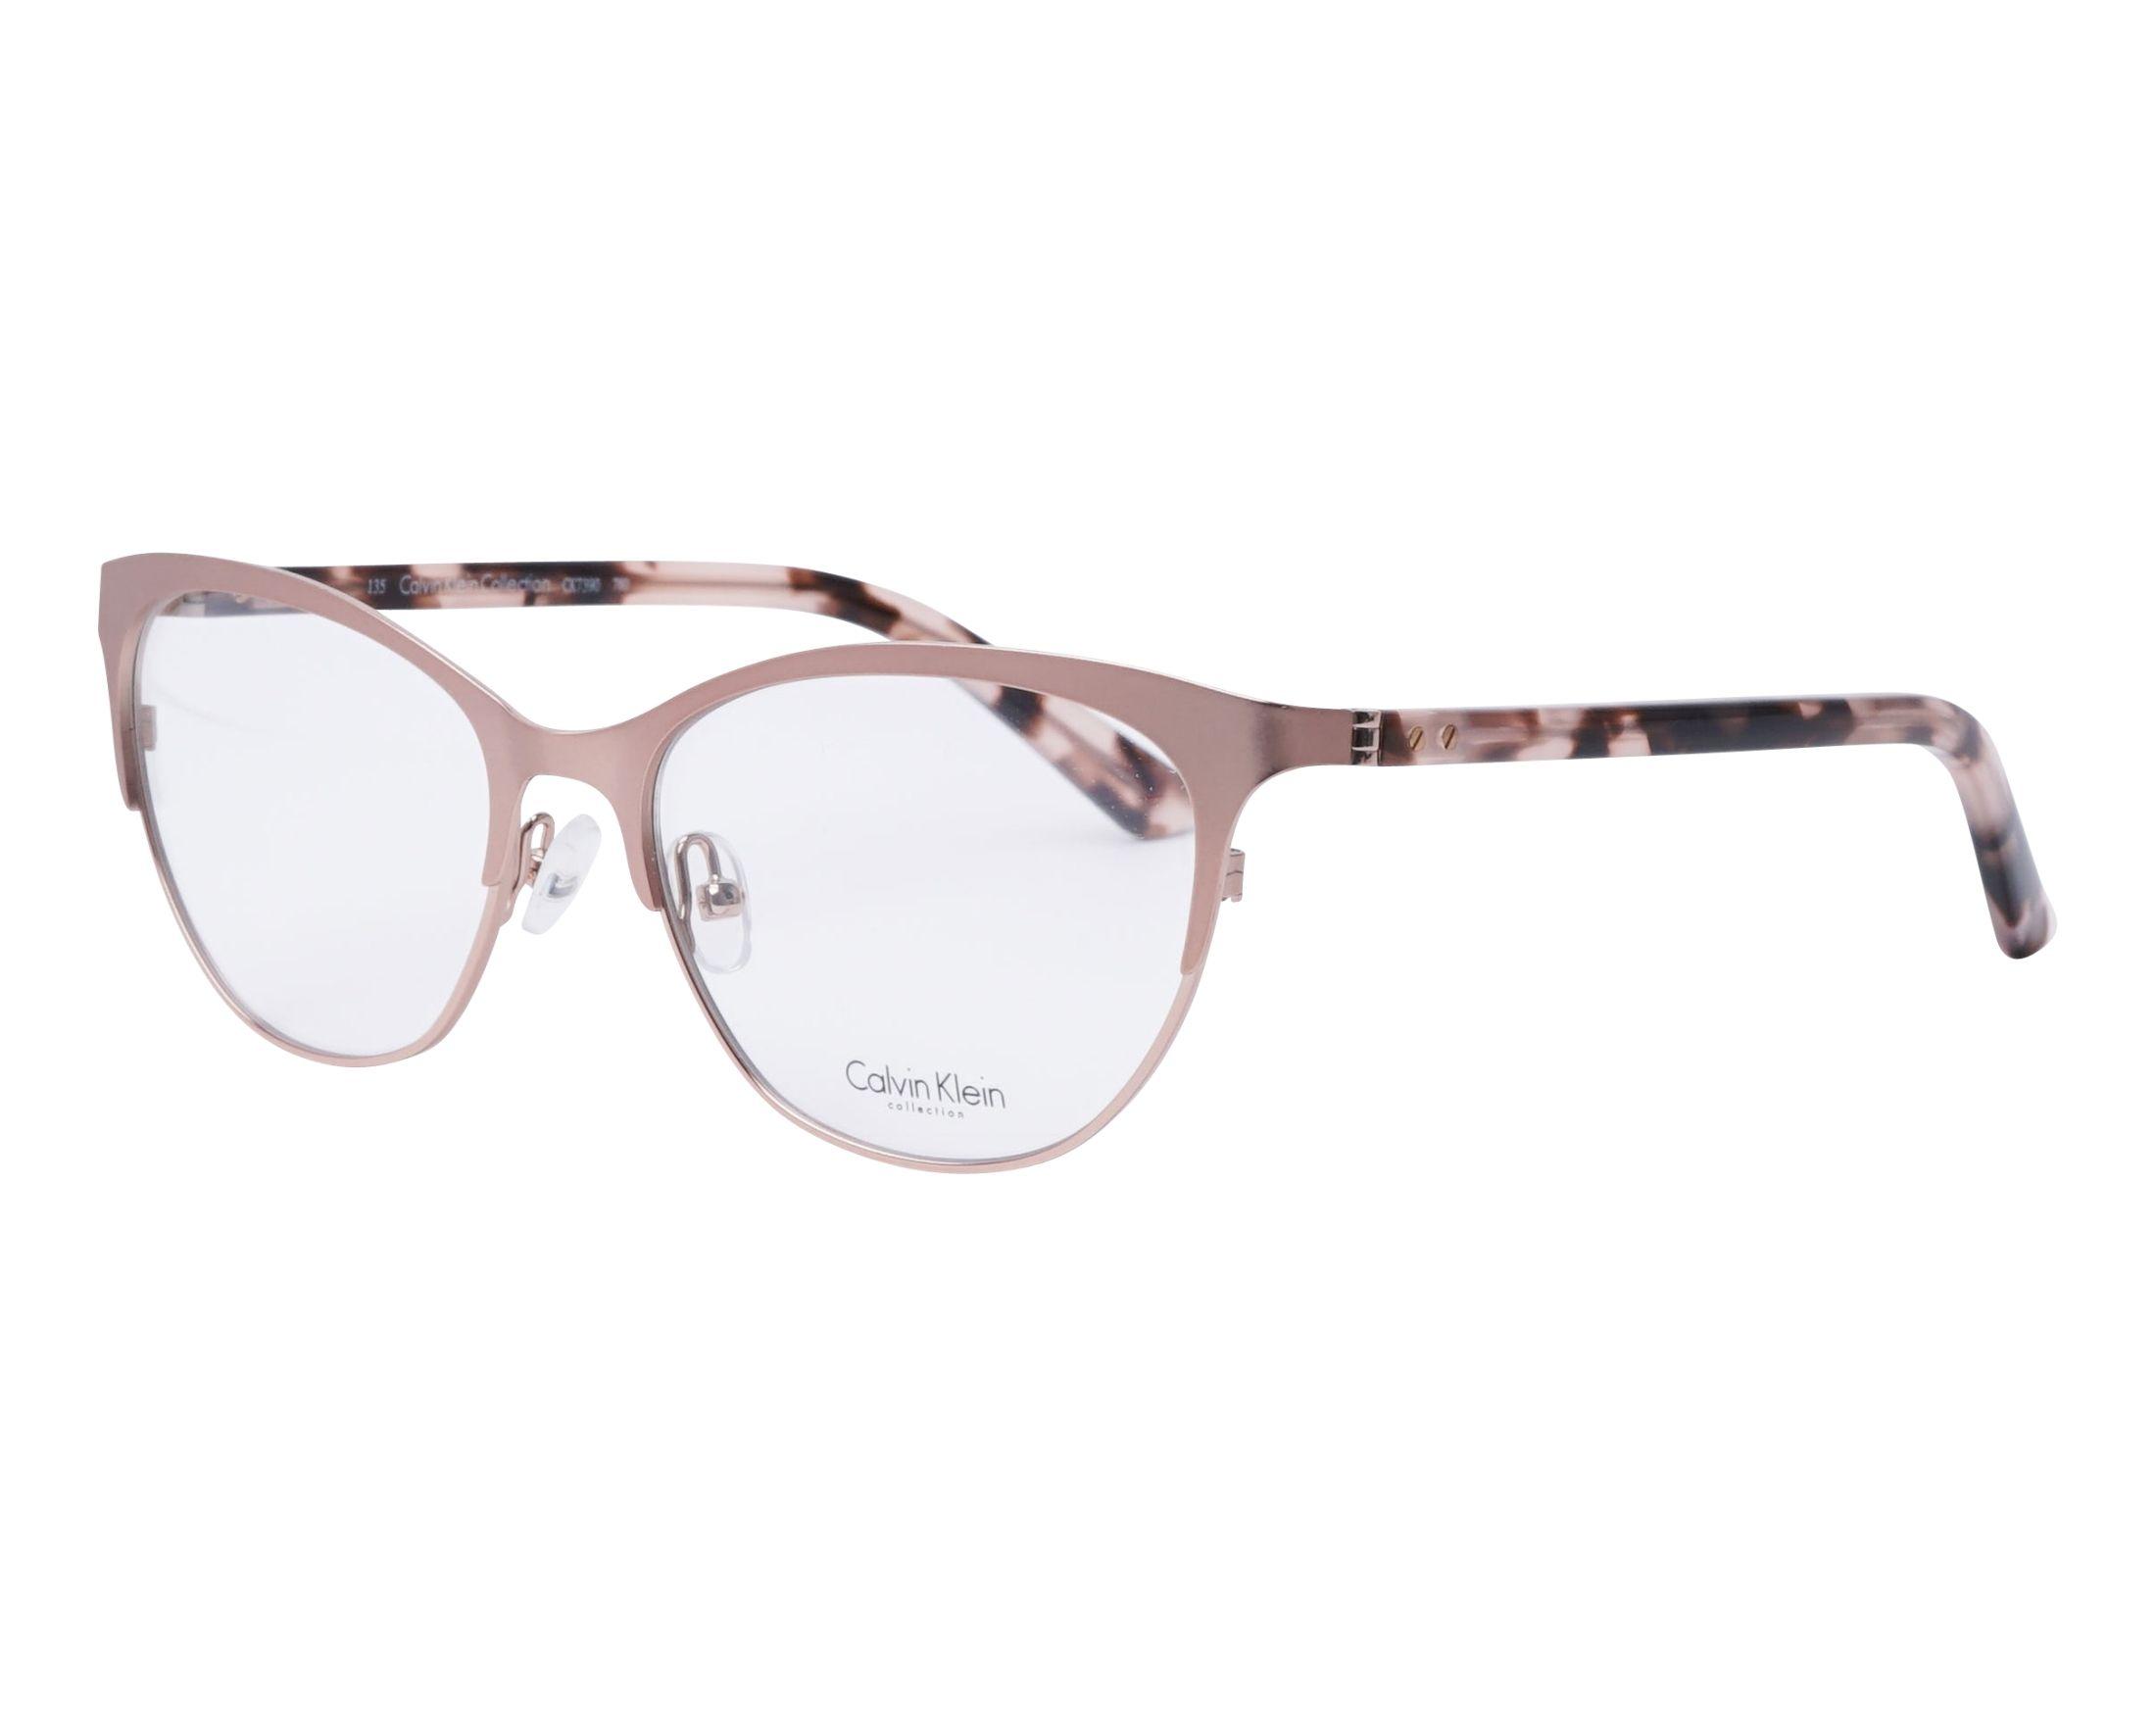 kauf verkauf Entdecken Sie die neuesten Trends am billigsten Calvin Klein CK-7390 780